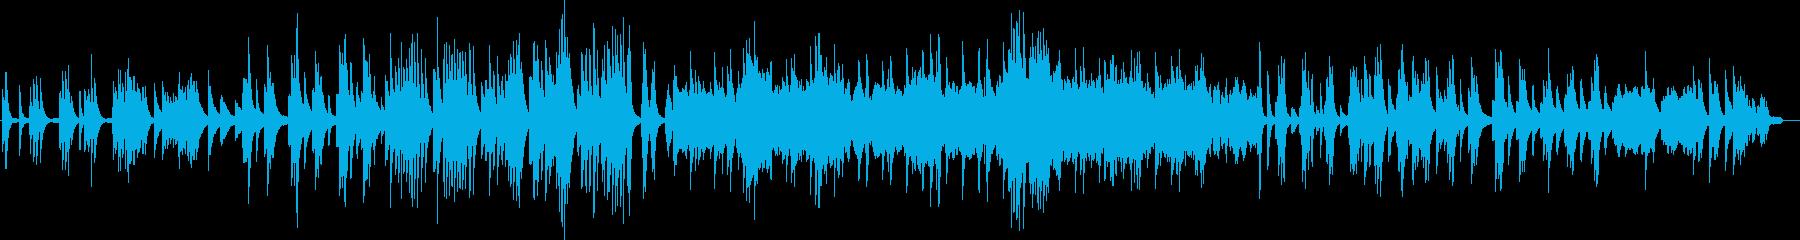 ドビュッシー 月の光 ピアノの再生済みの波形